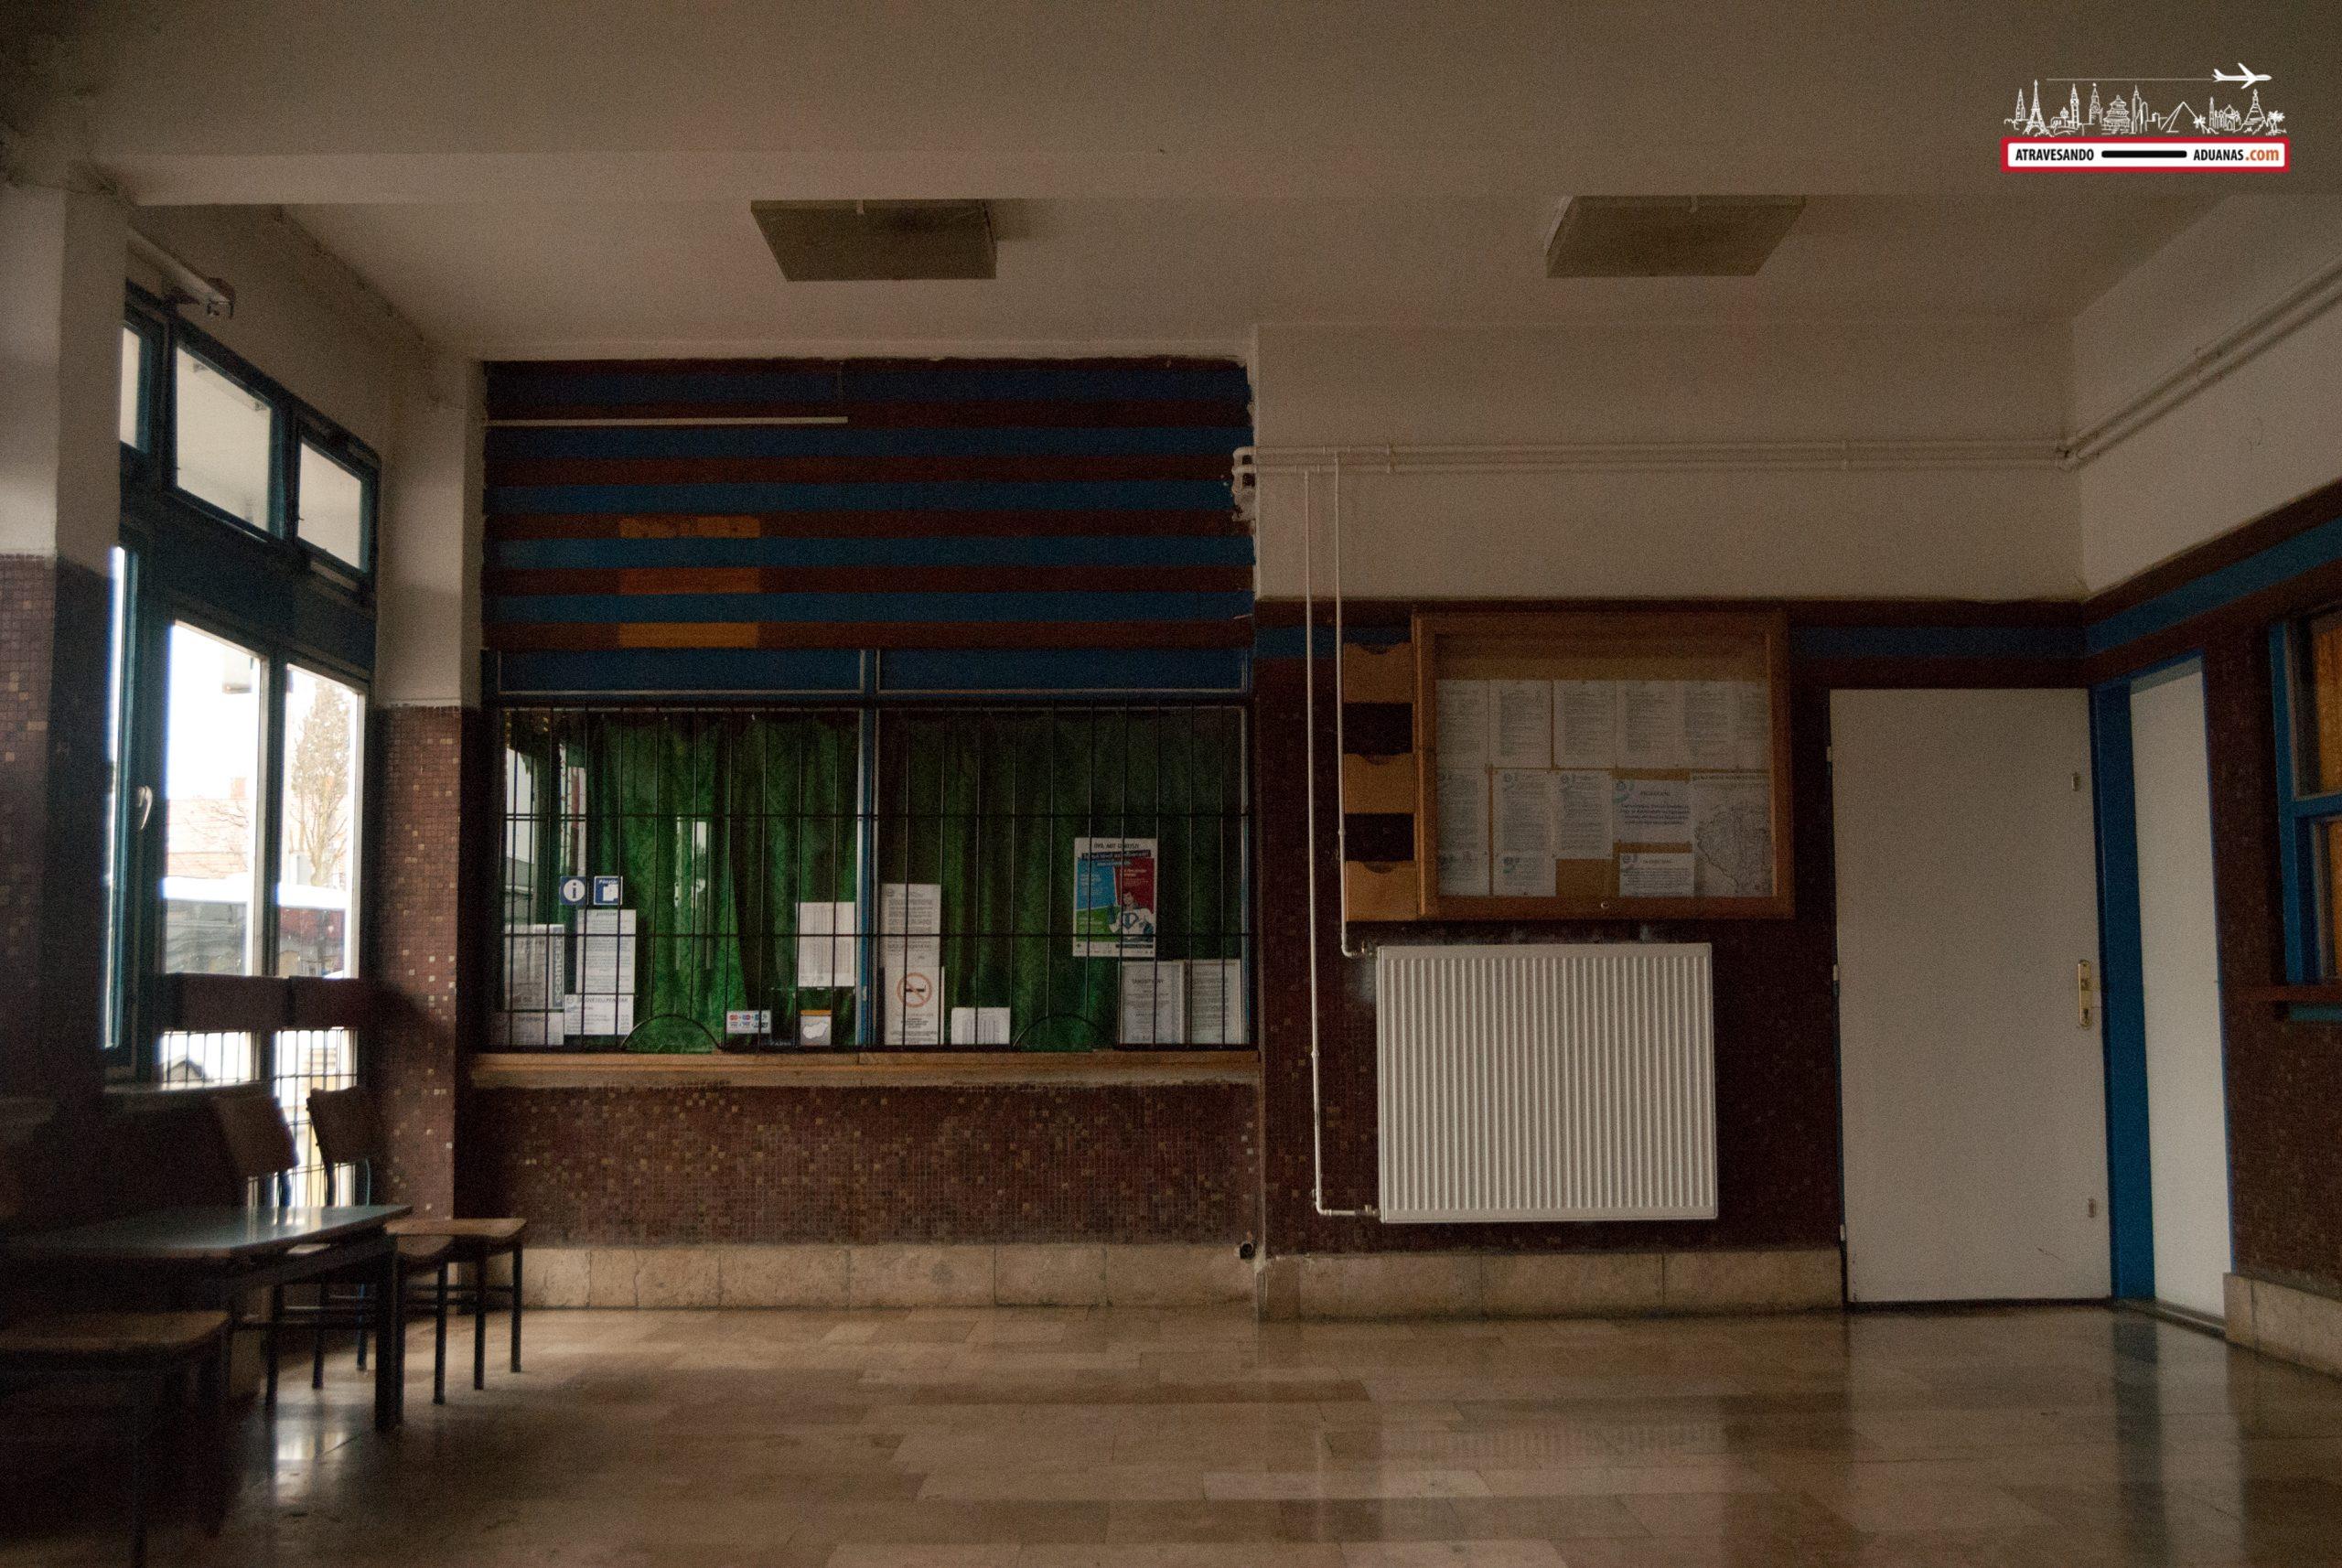 Estación de autobús de Letenye